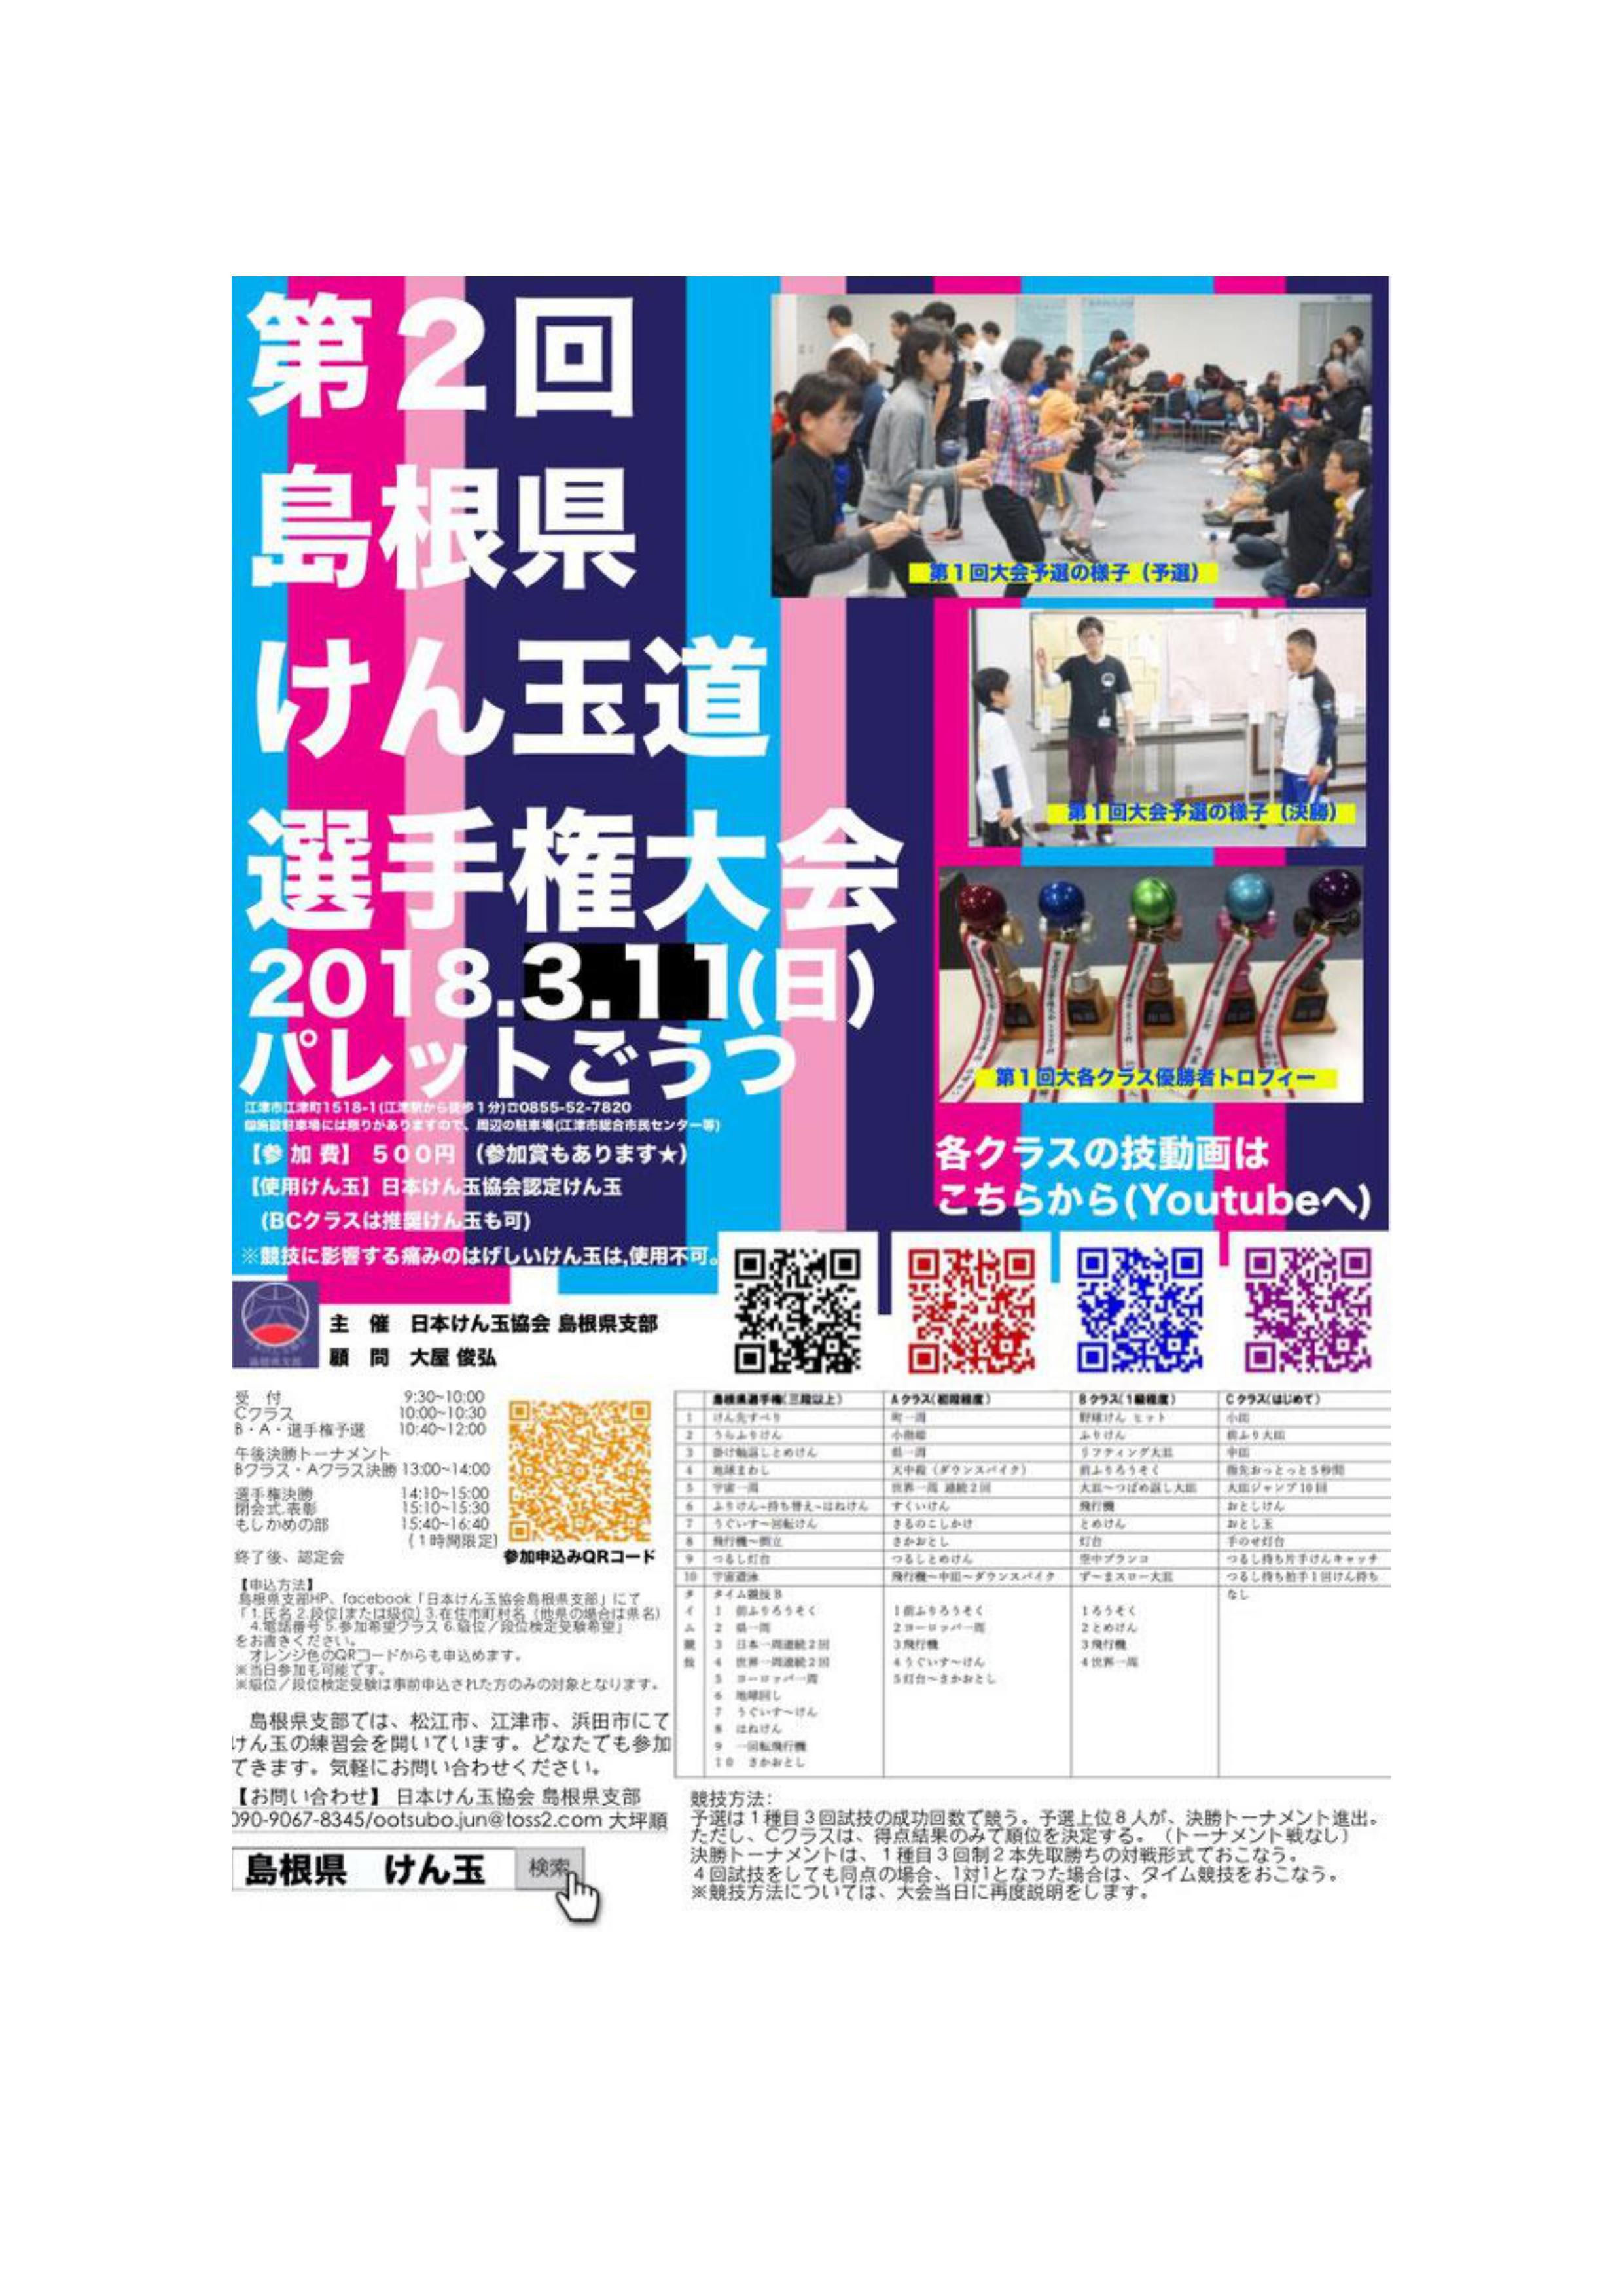 日程変更1月21日から3月11日に変更!!島根県けん玉道選手権大会